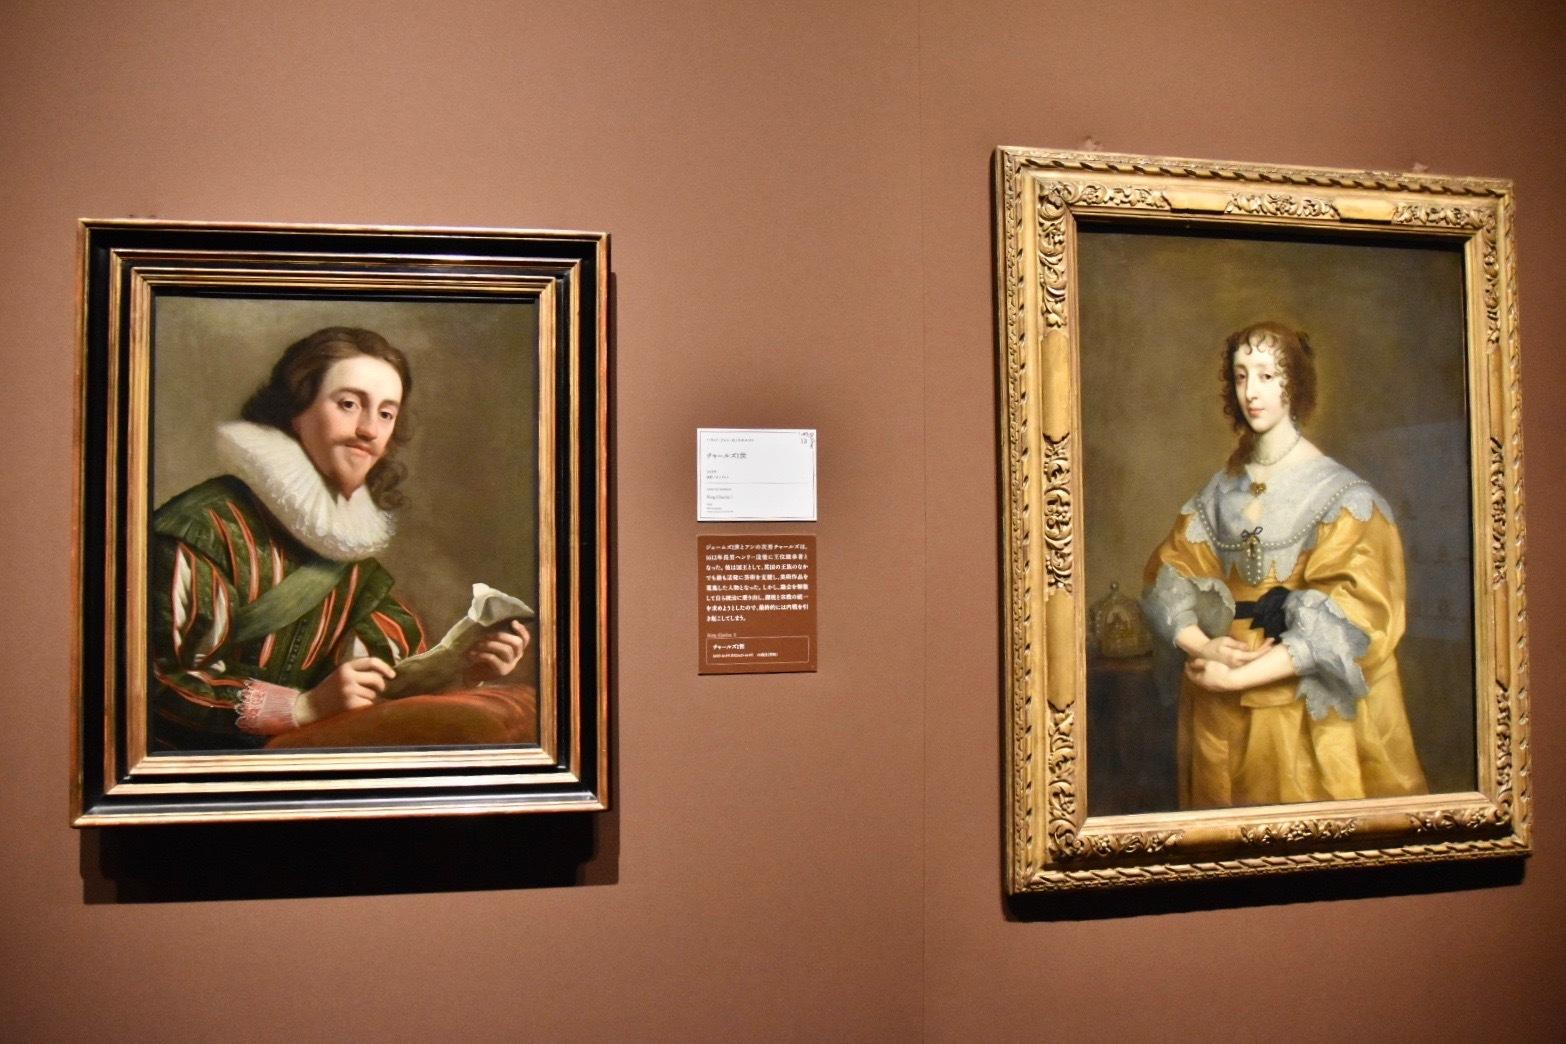 左:ヘリット・ファン・ホントホルスト《チャールズ1世》1628年、右:作者不詳(アンソニー・ヴァン・ダイクの原作に基づく)《アンリエッタ・マルタ》17世紀(原作:1632-35年頃)